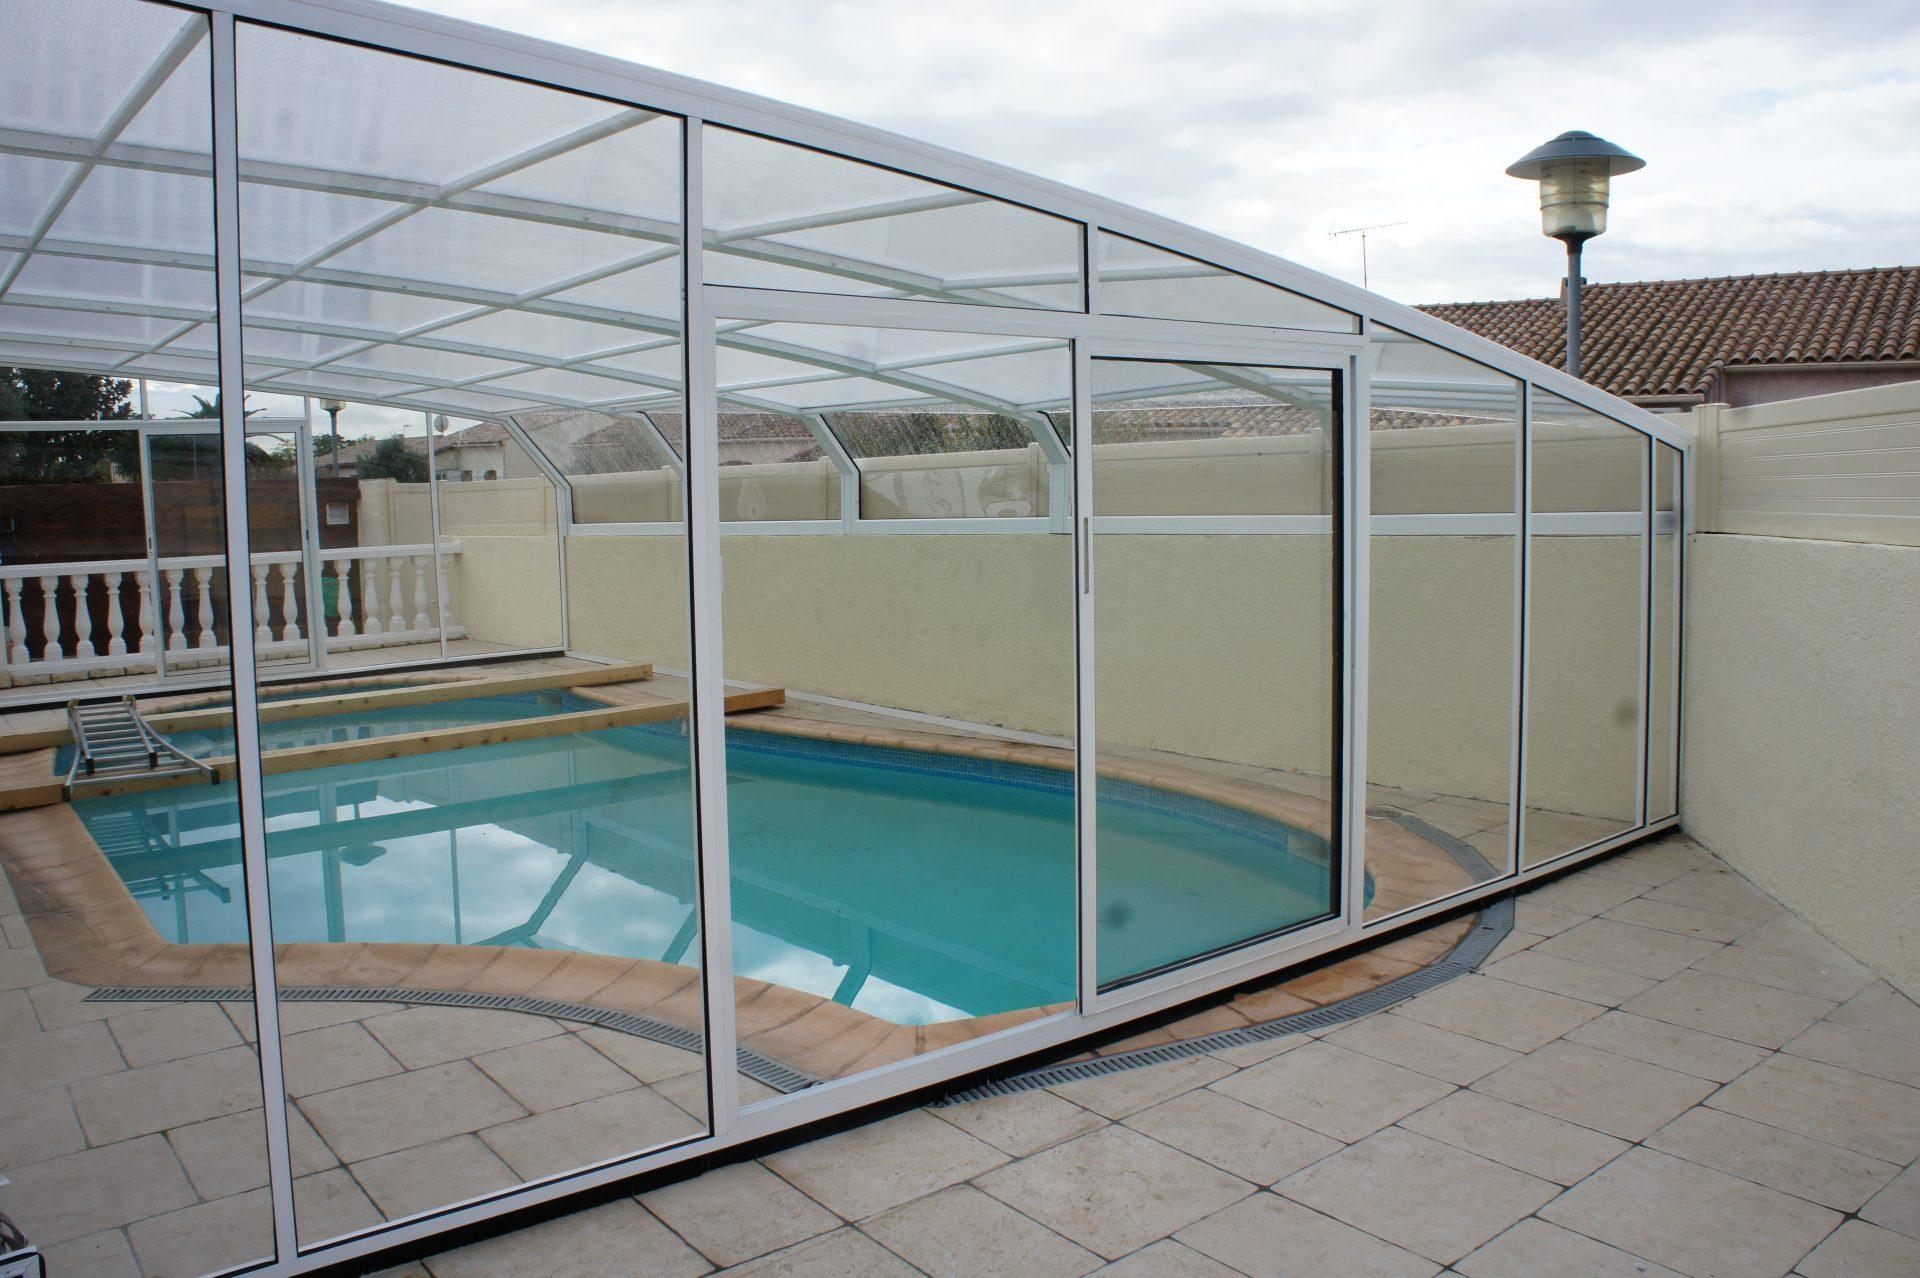 abri piscine adoss maison gallery of une piscine couverte par un abri escamotable permettant. Black Bedroom Furniture Sets. Home Design Ideas